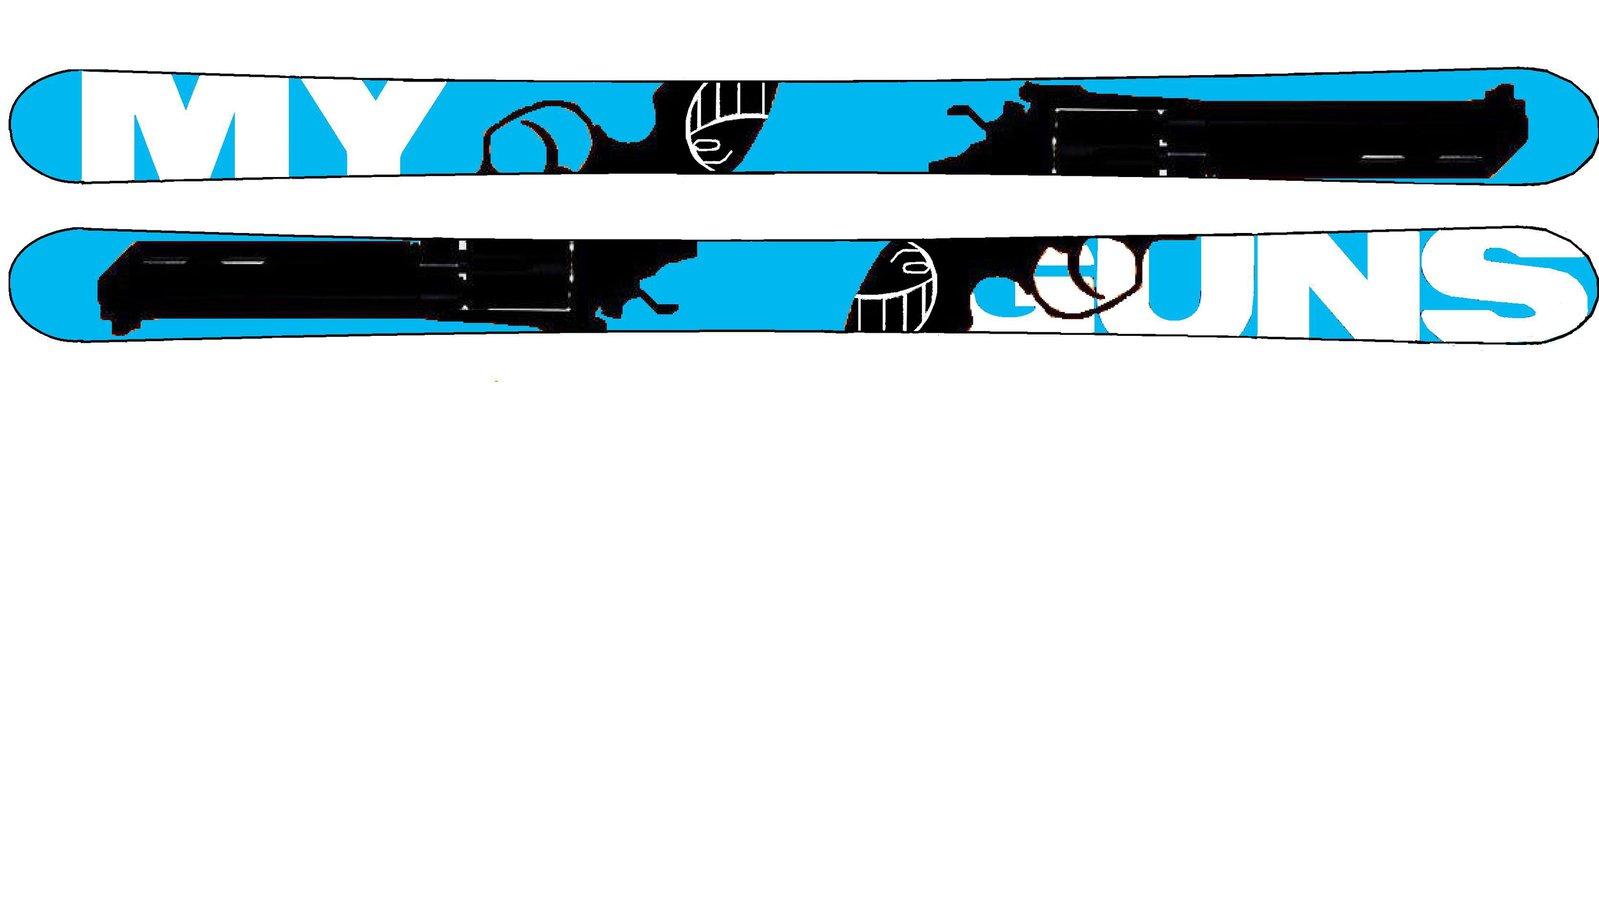 Ski Design V4